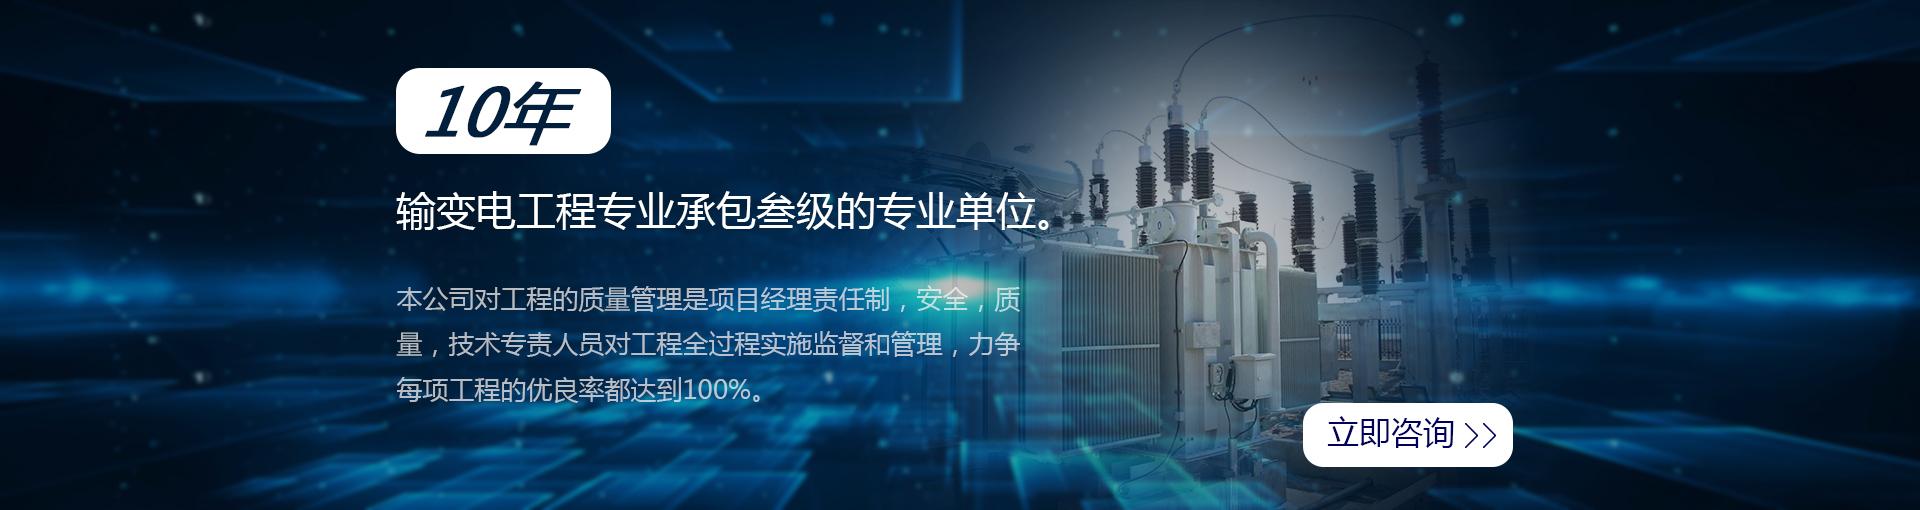 大理飞跃雷火app官网有限公司